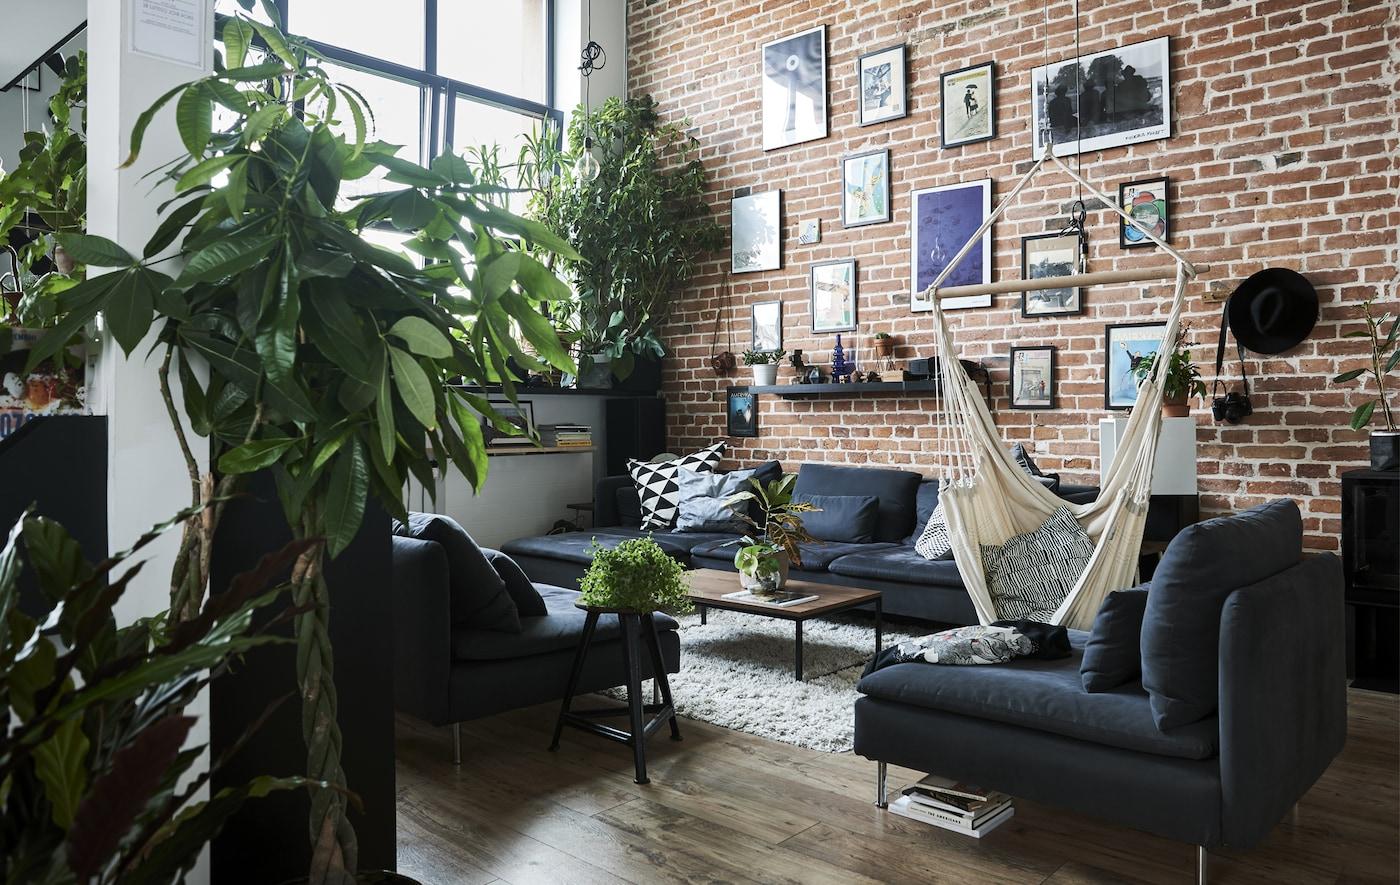 Offene Wohnung Einrichten: Ideen